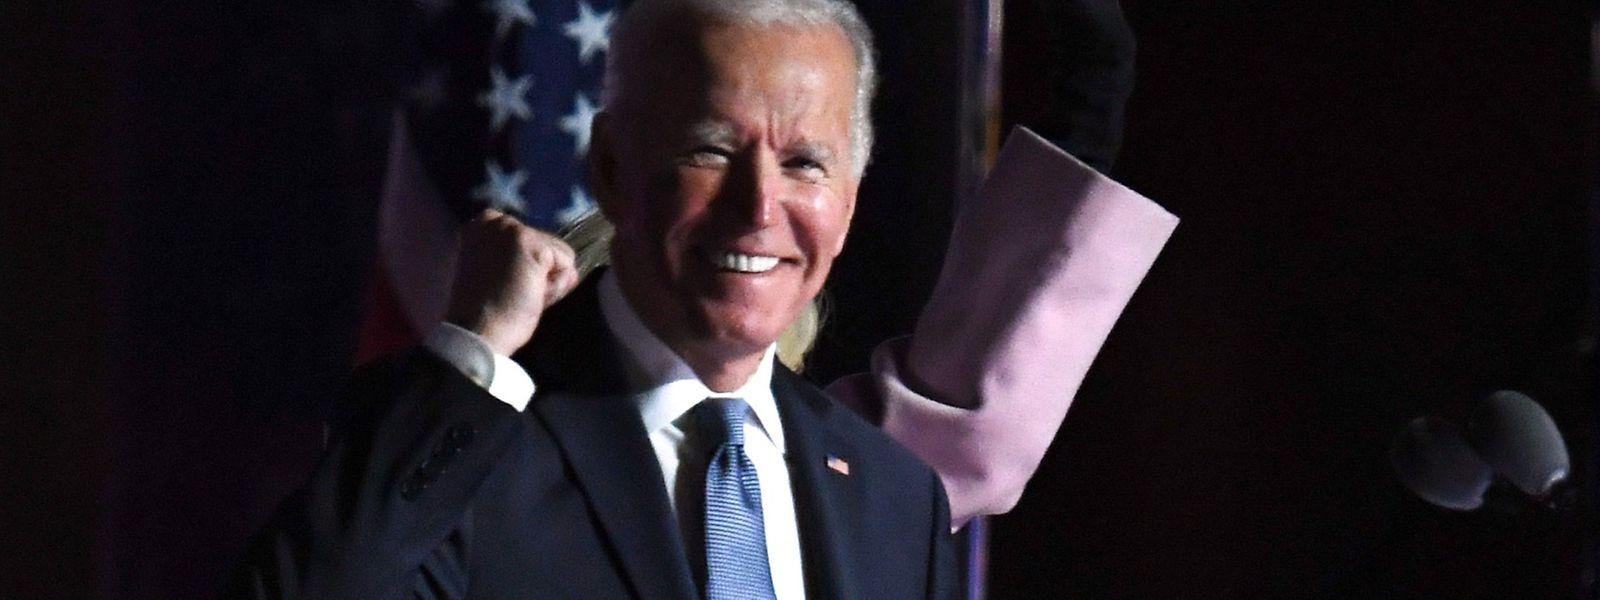 Nun steht es fest: Joe Biden wird der nächste Präsident der USA.